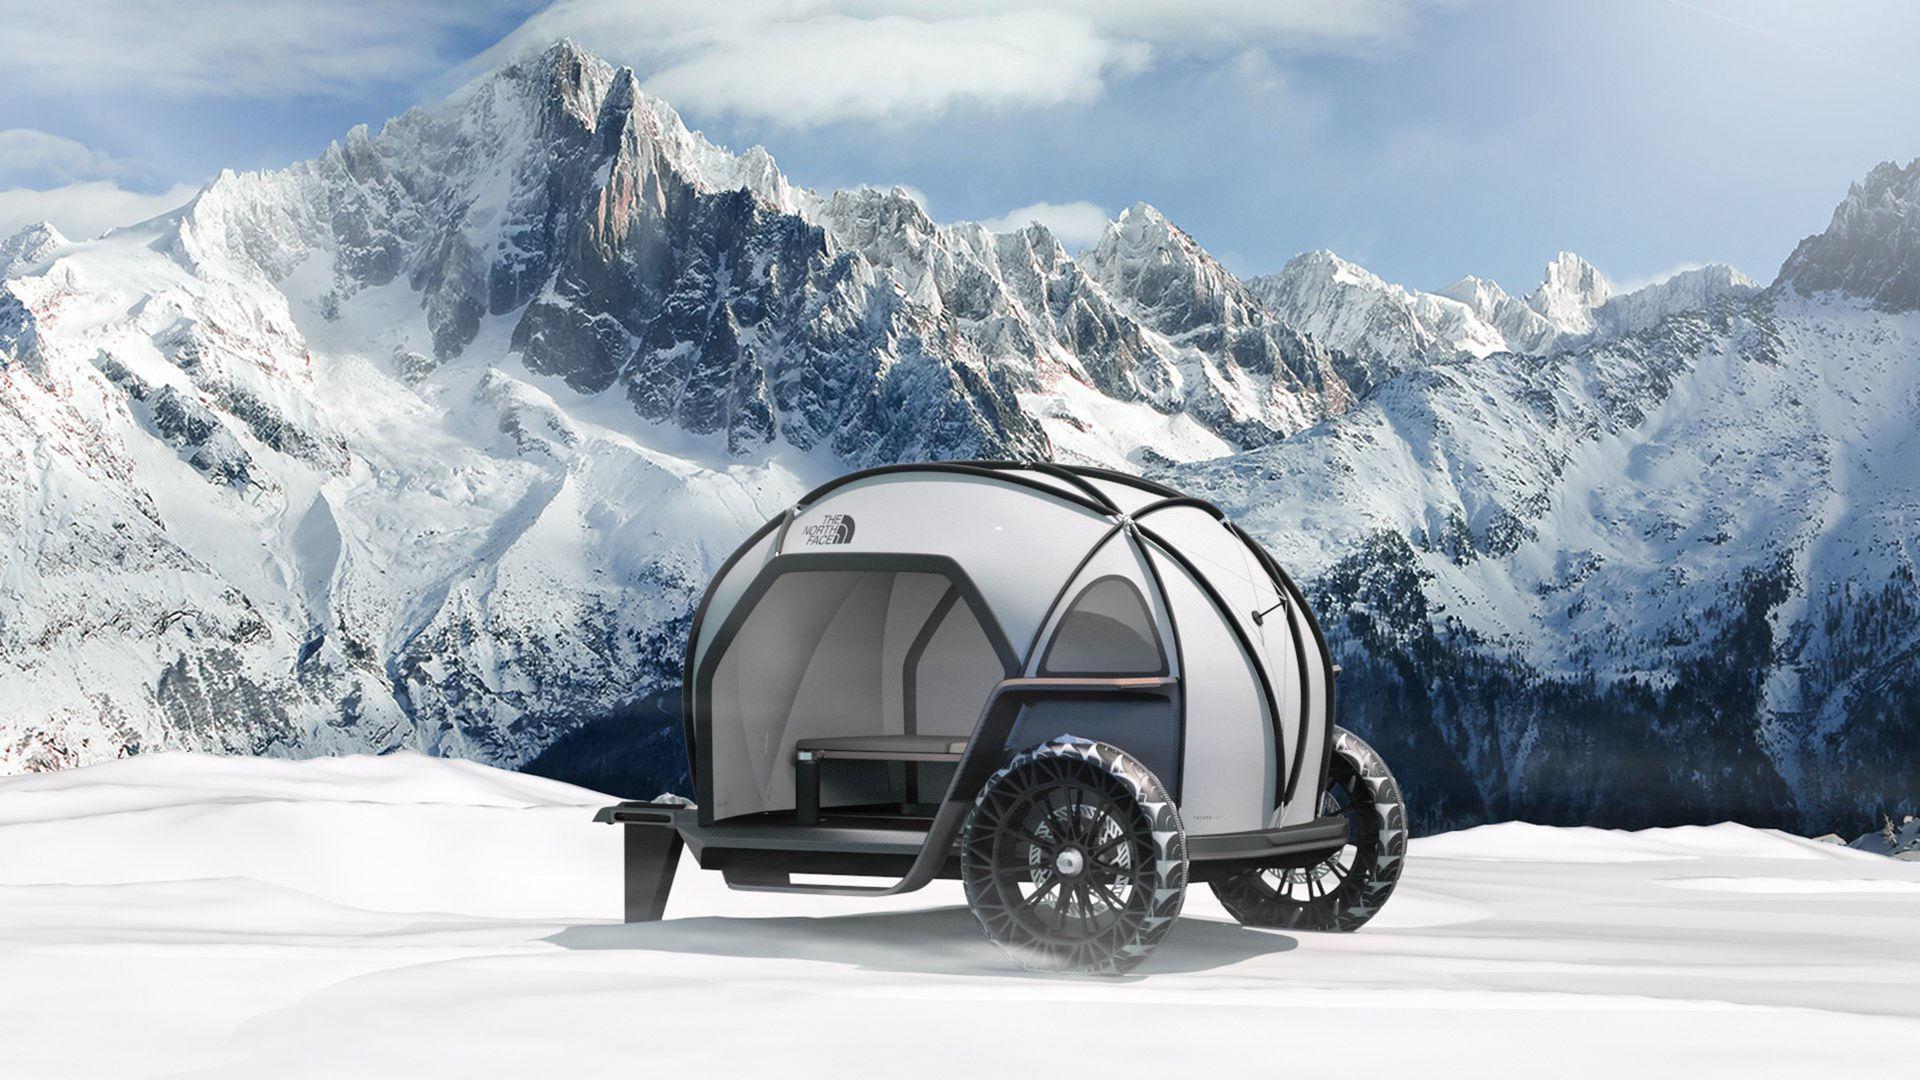 Liten husvagn från The North Face och BMW